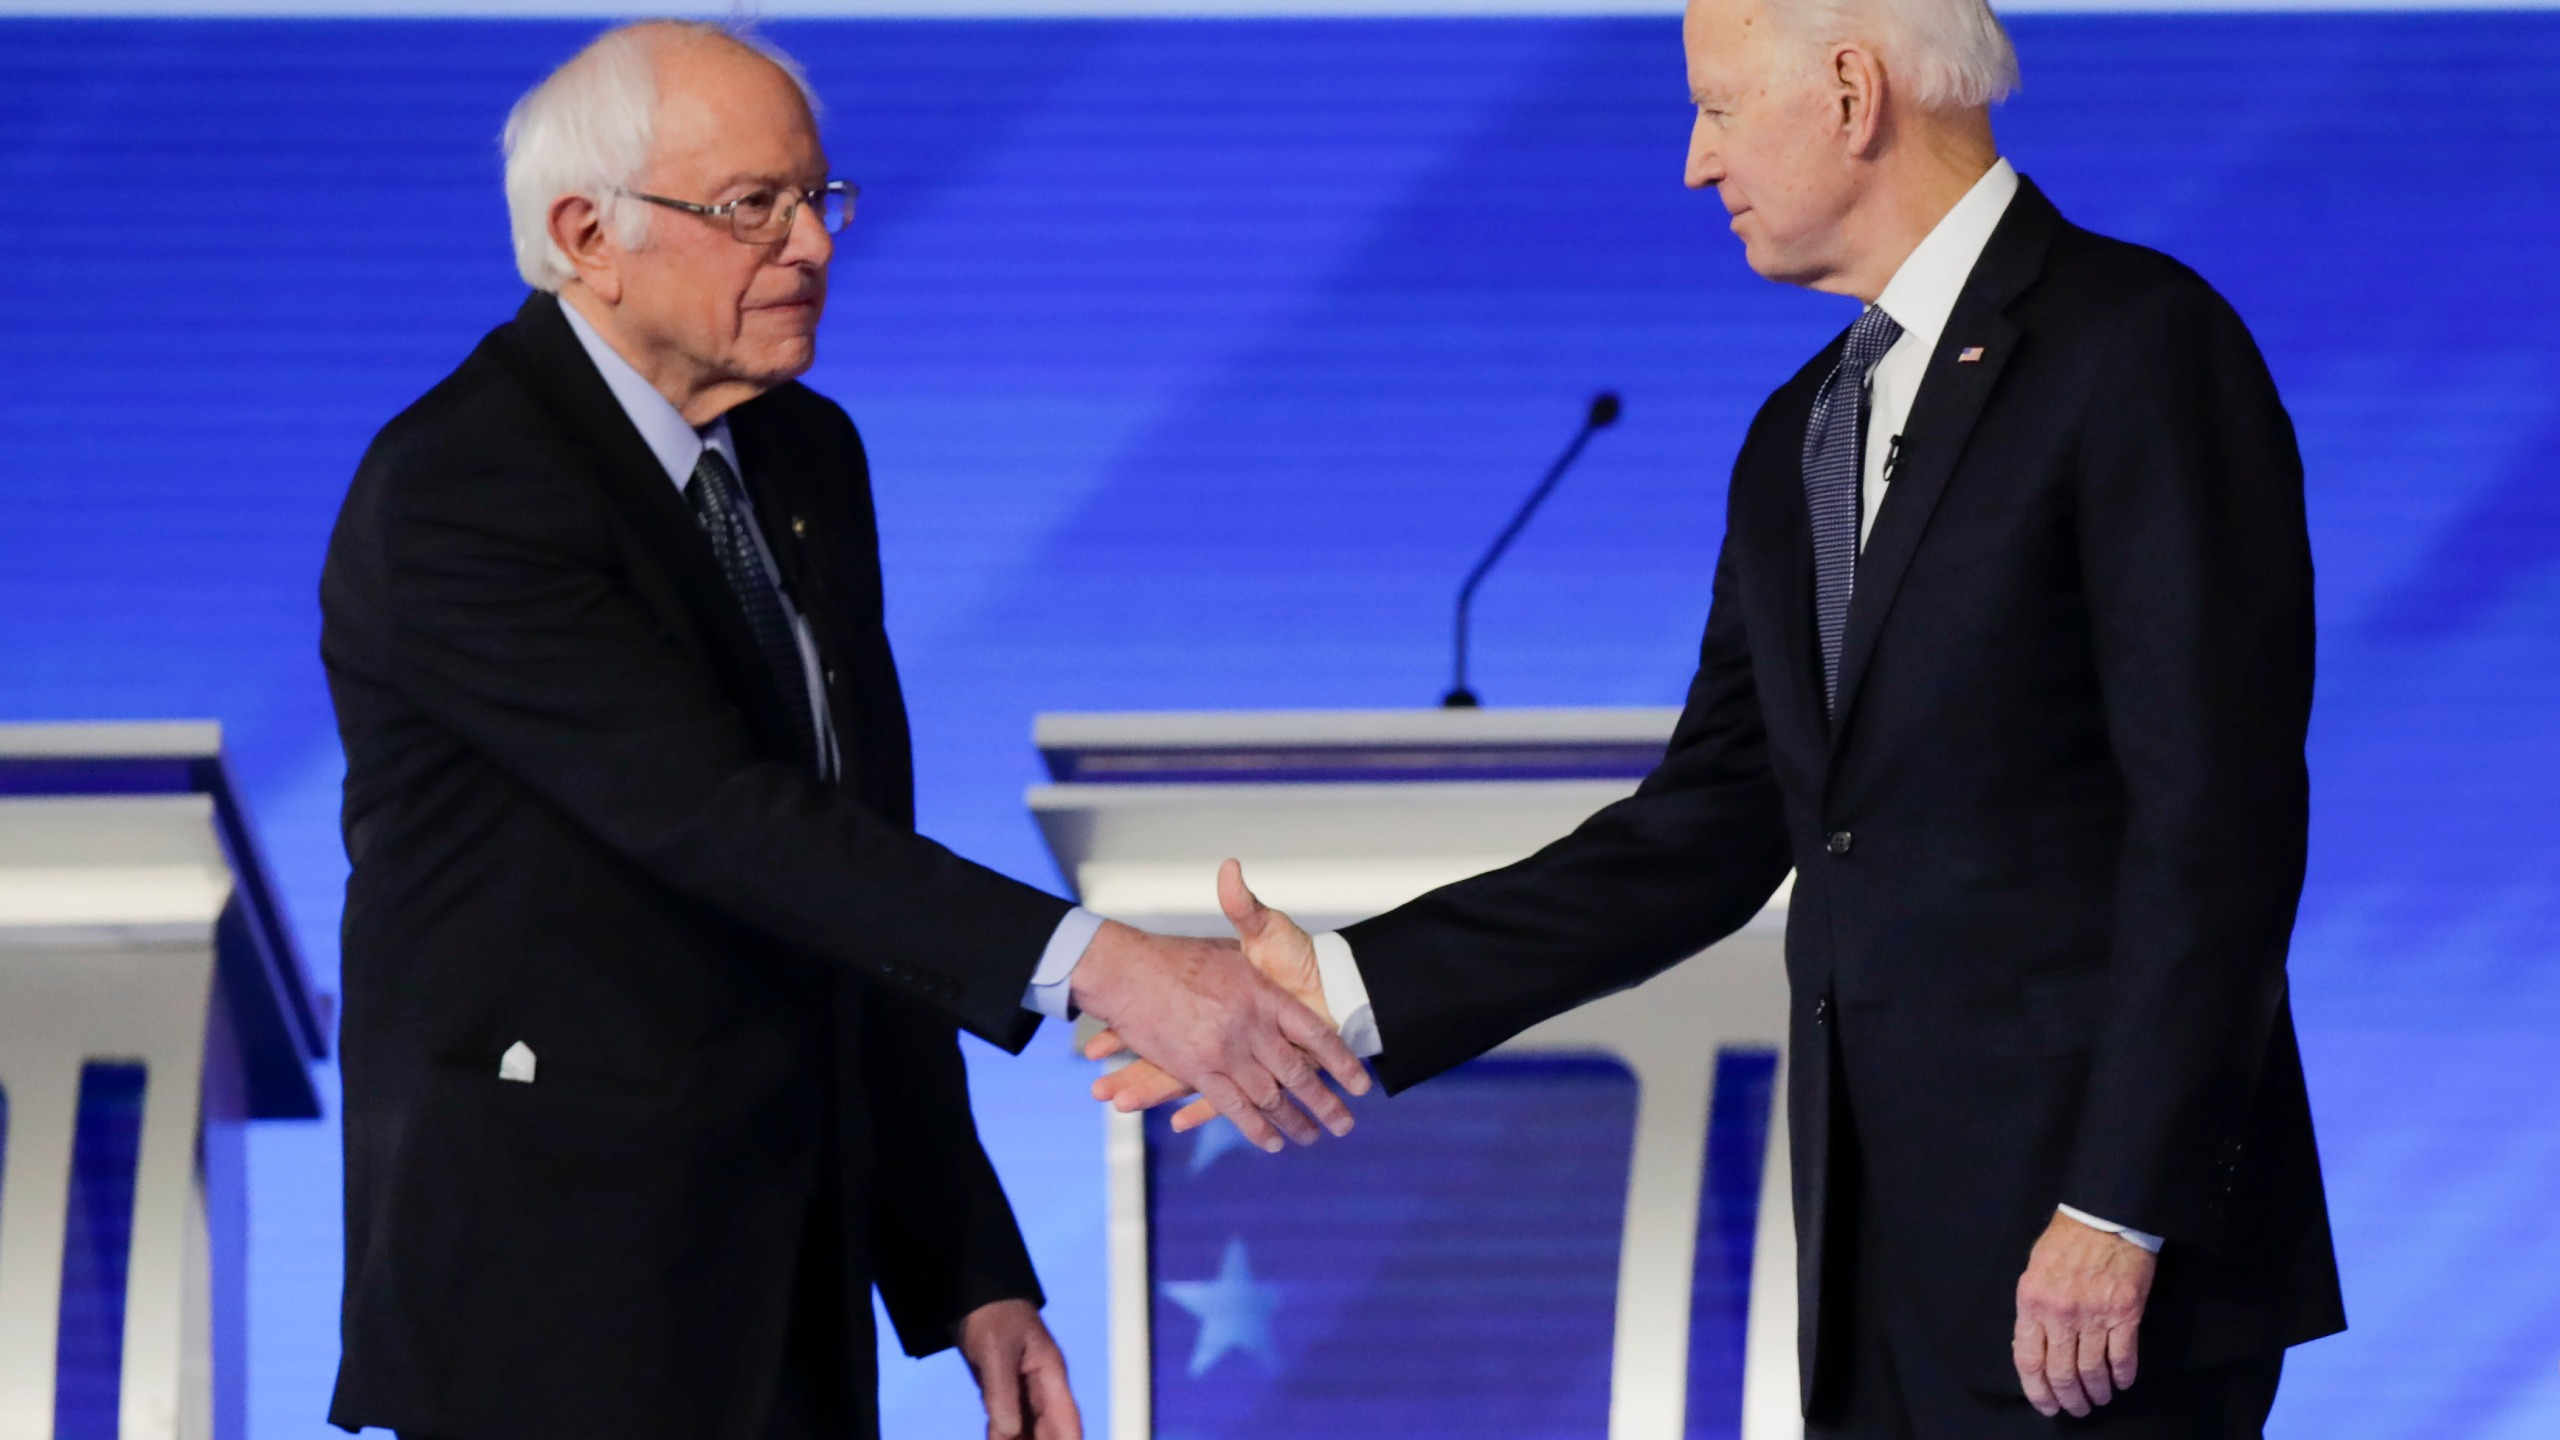 Bernie Sanders, Joe Biden